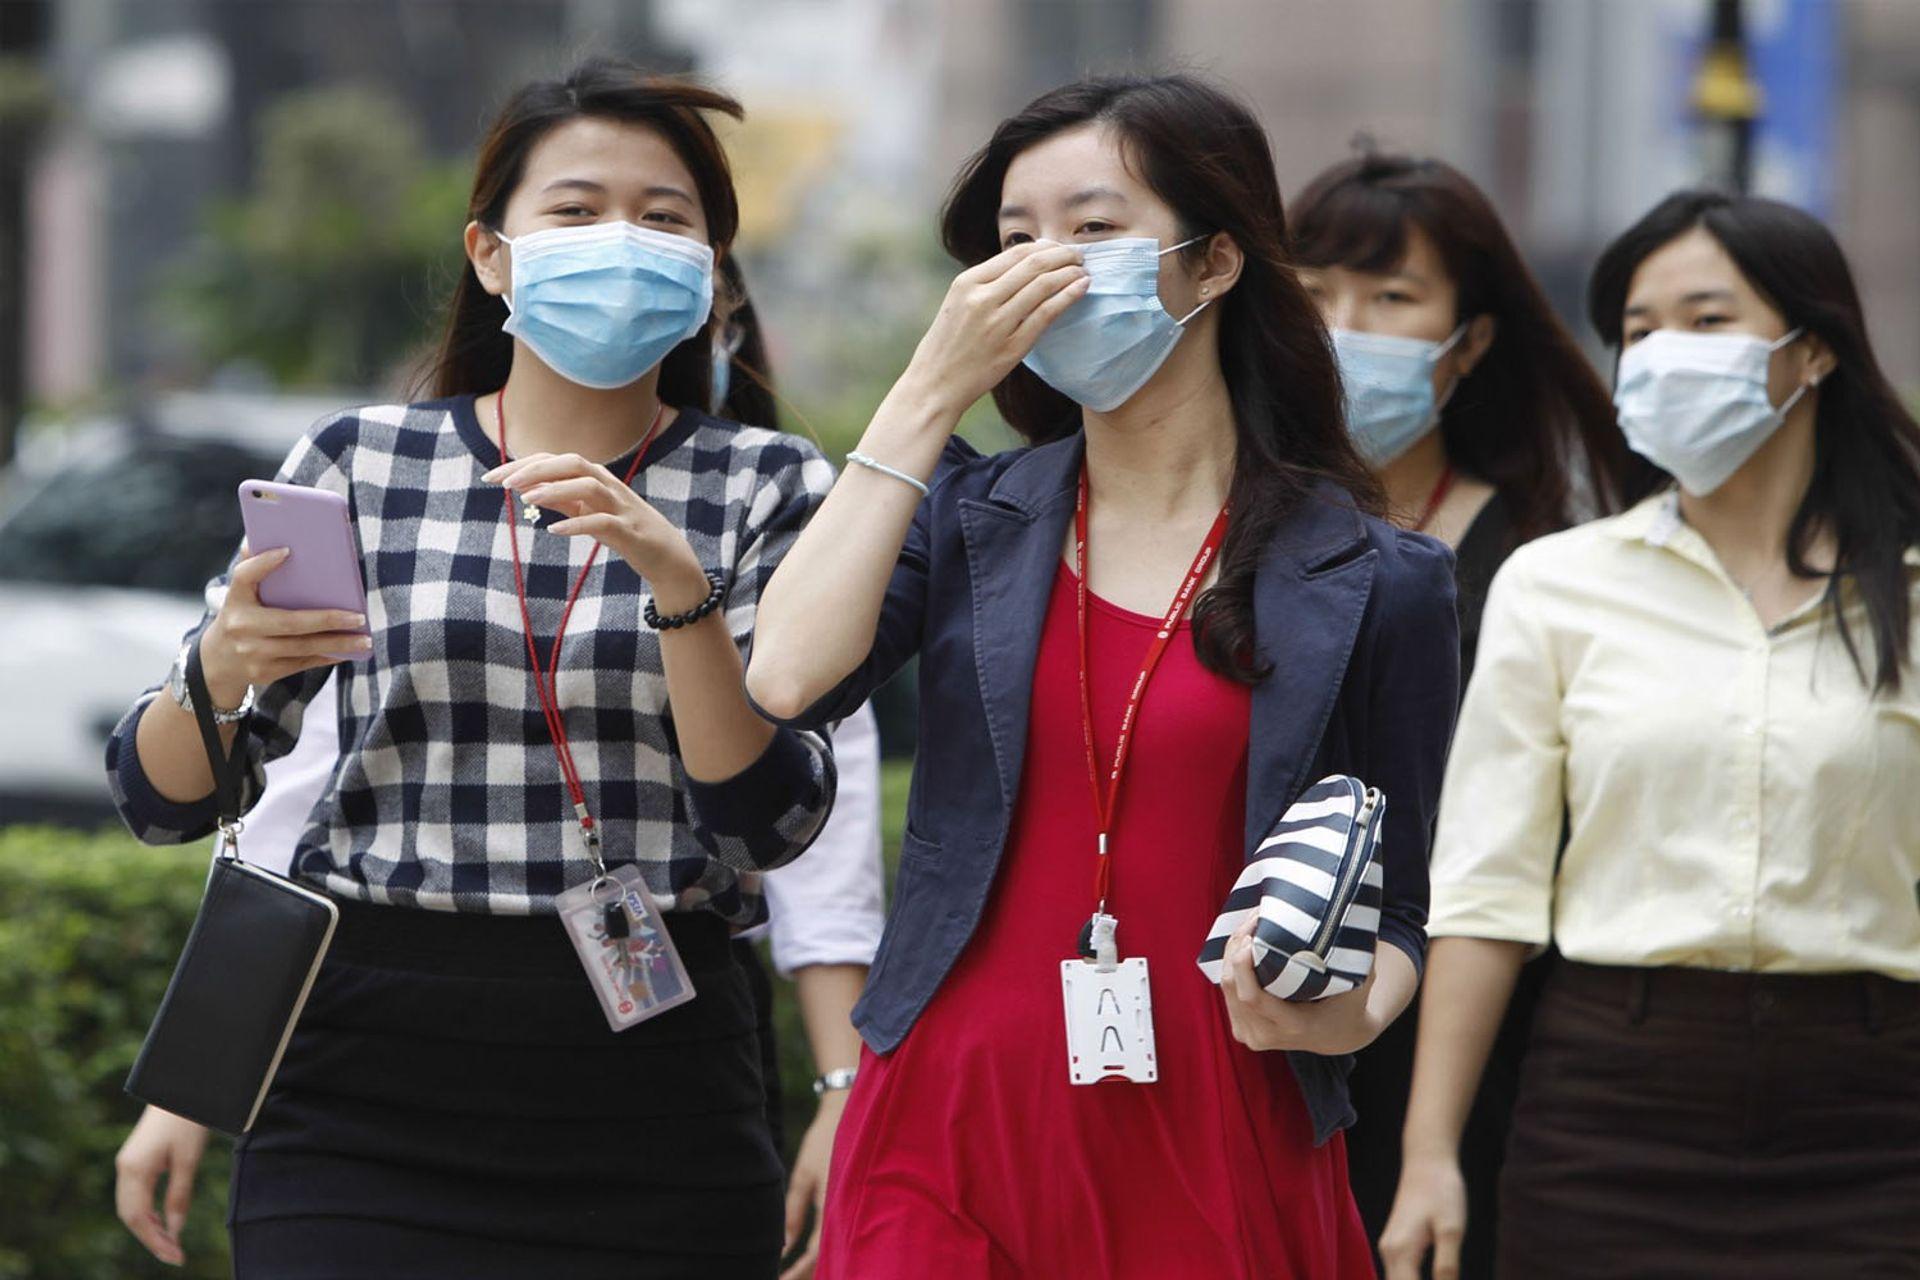 Luôn đeo khẩu trang khi đi ngoài đường để tránh khói, bụi mù